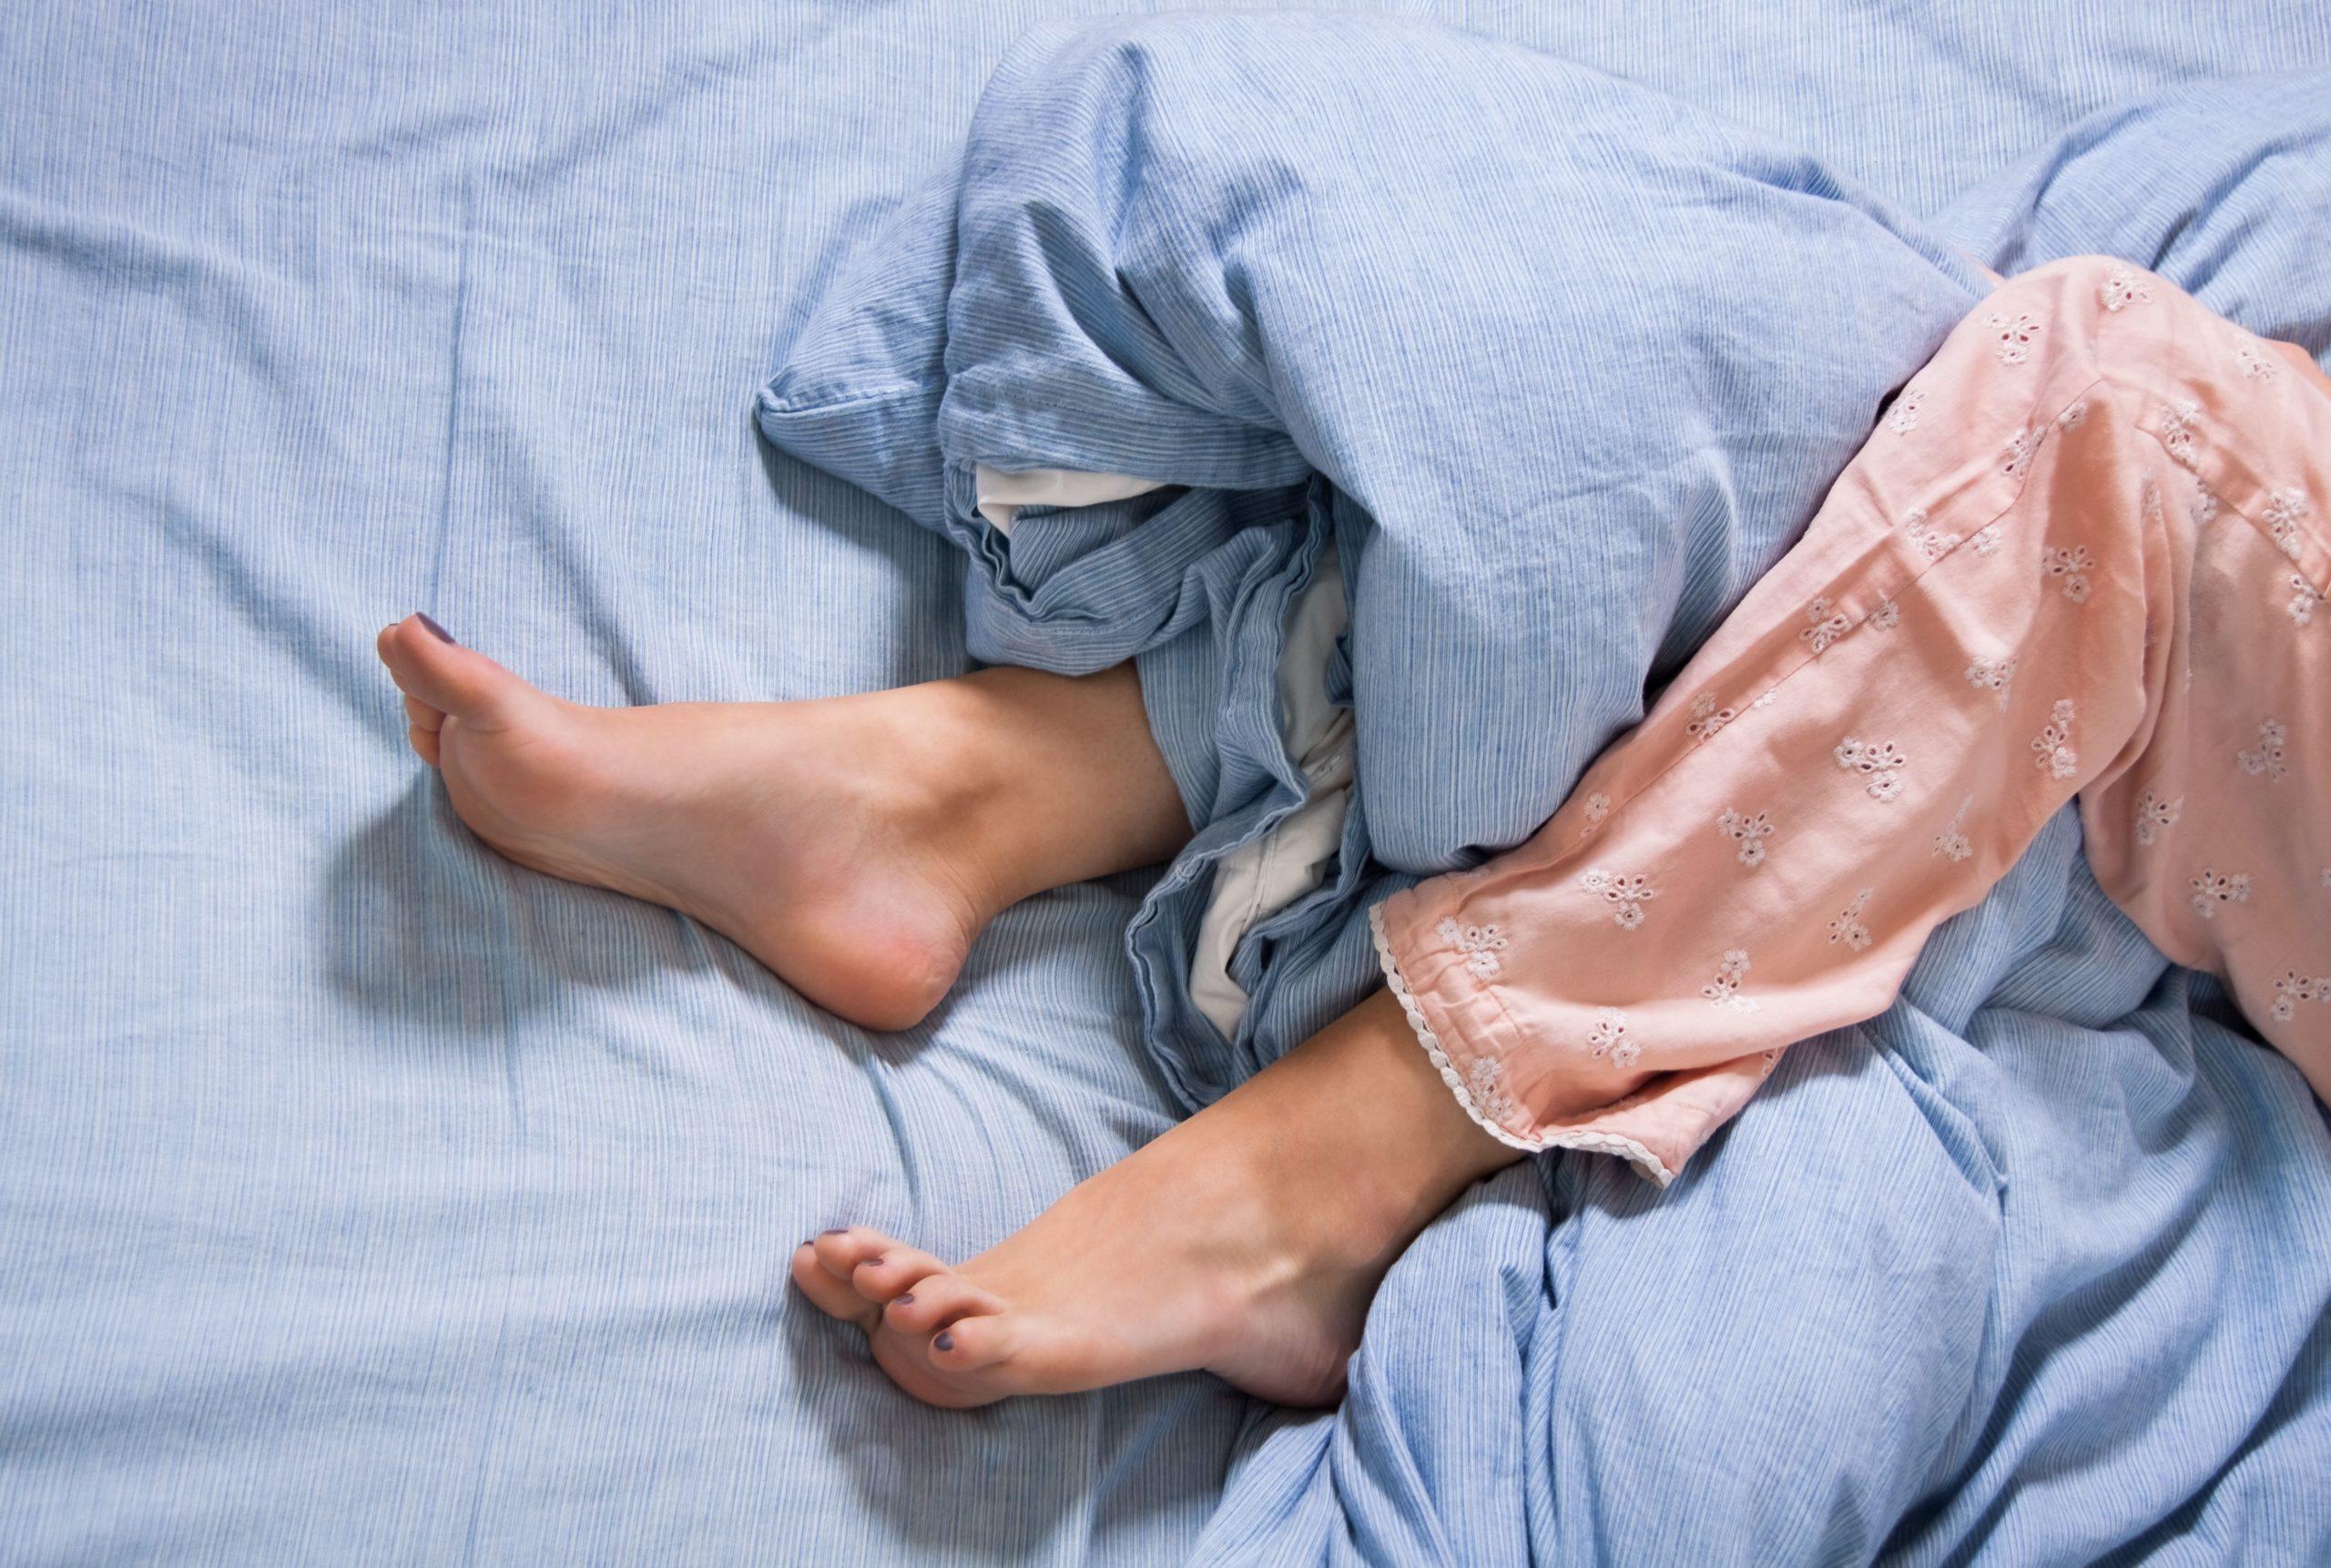 Problemet që do të keni me shëndetin nëse nuk i lani shpesh çarçafët